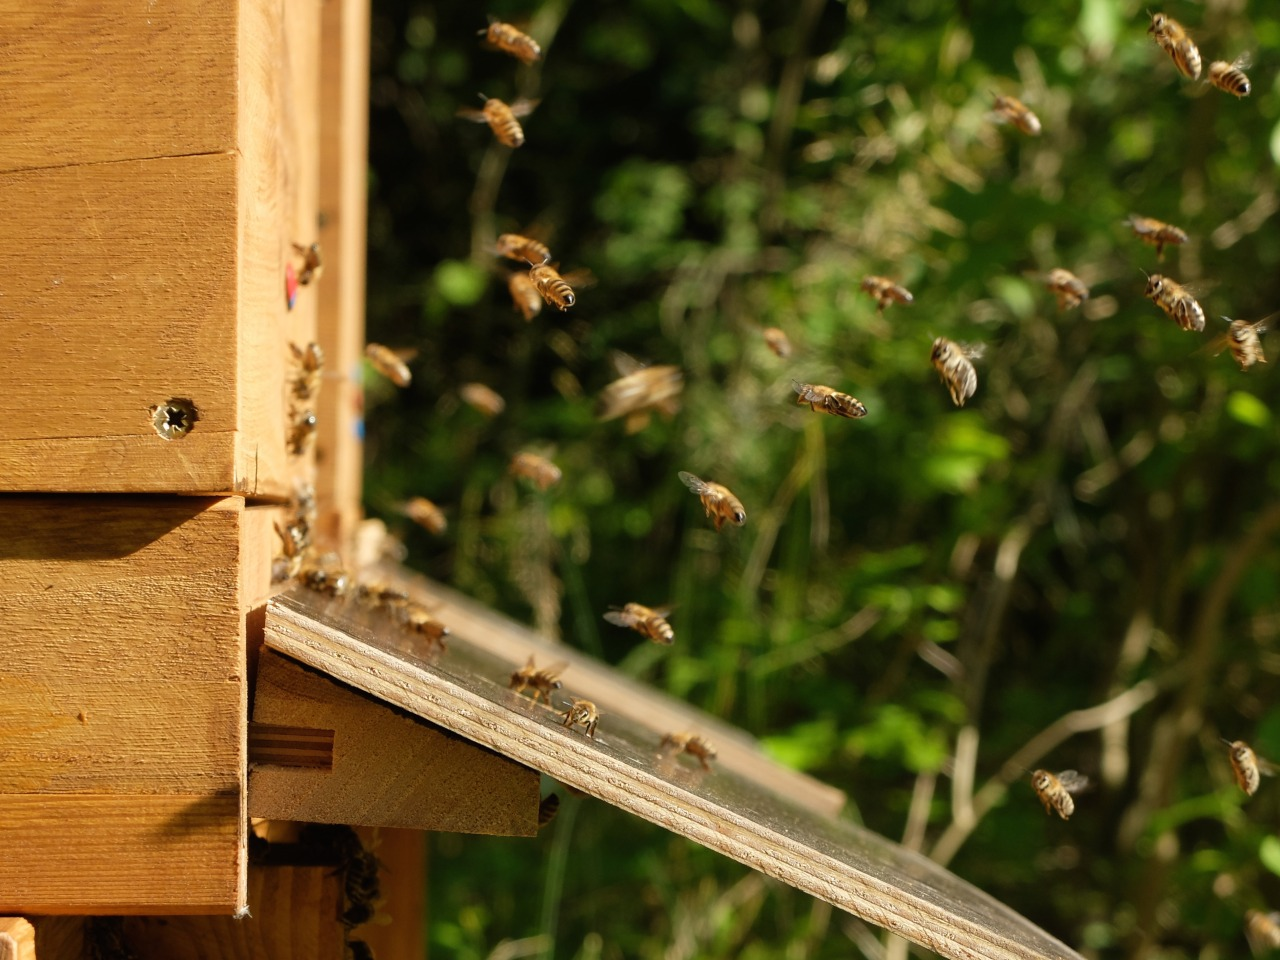 mangia minga // 'Bees seeking asylum'